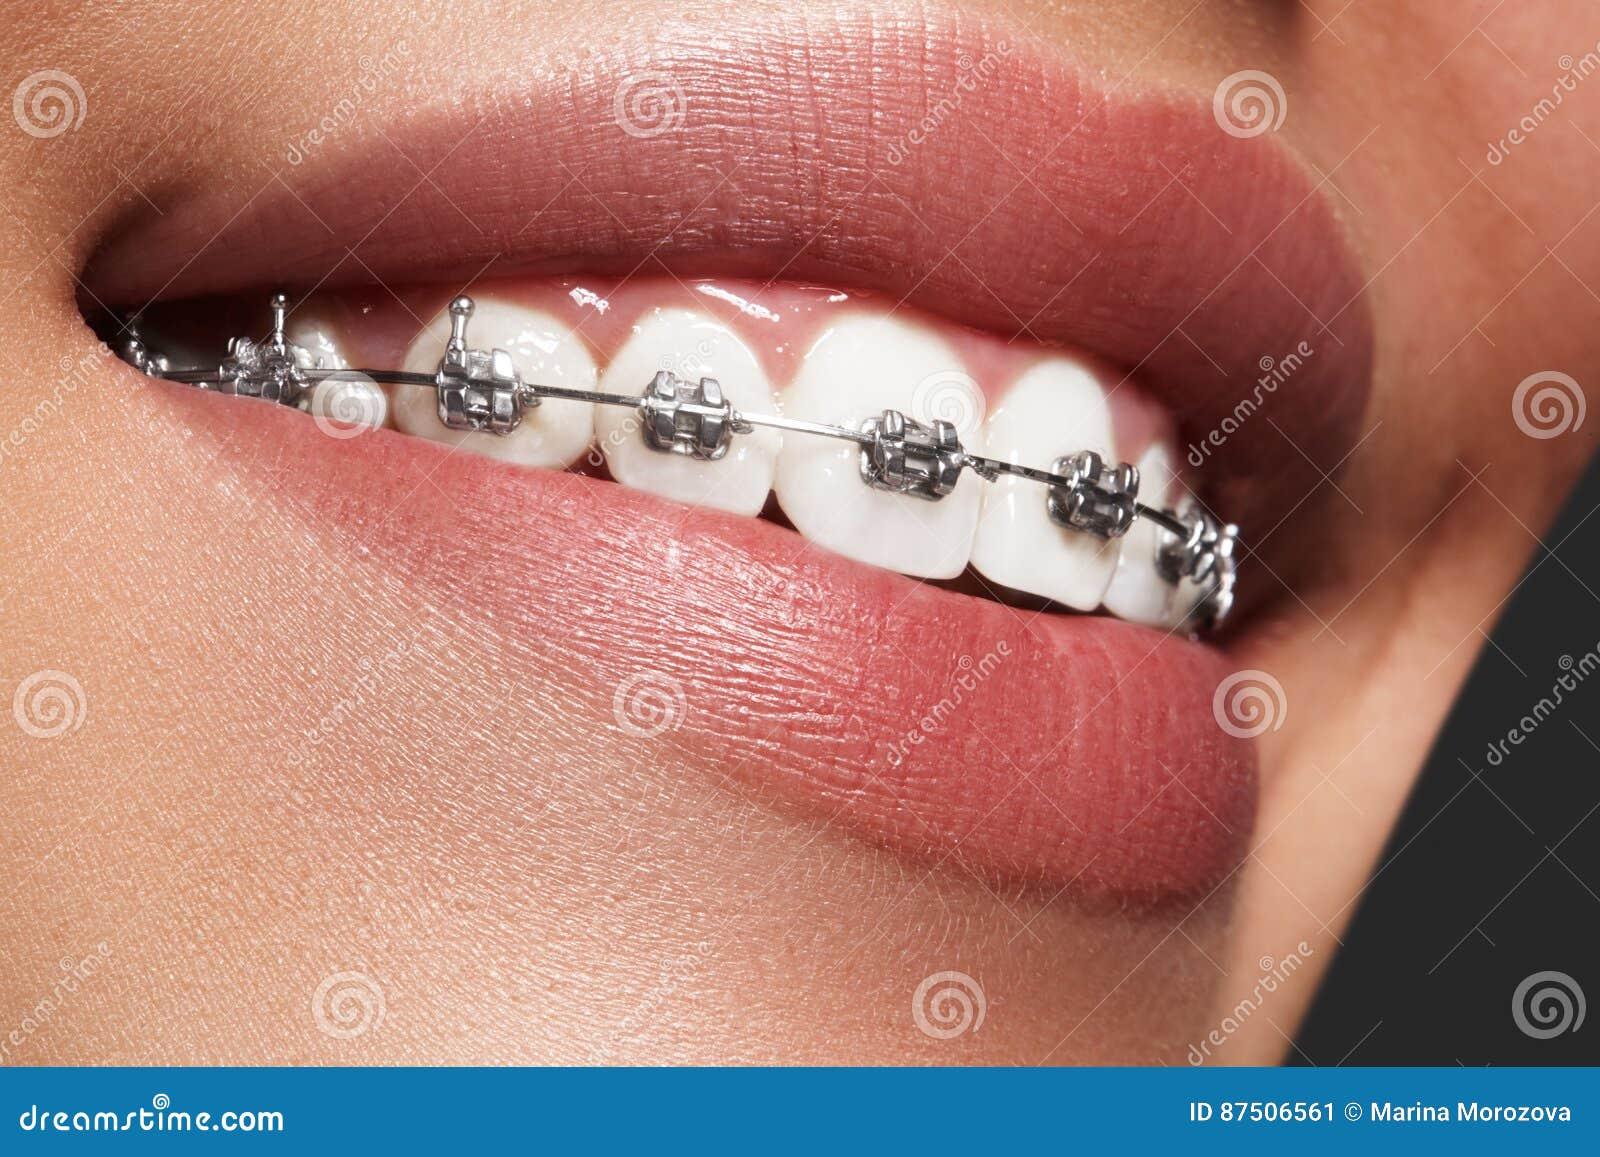 Mooie witte tanden met steunen Tandzorgfoto Vrouwenglimlach met ortodontic toebehoren Orthodontiebehandeling